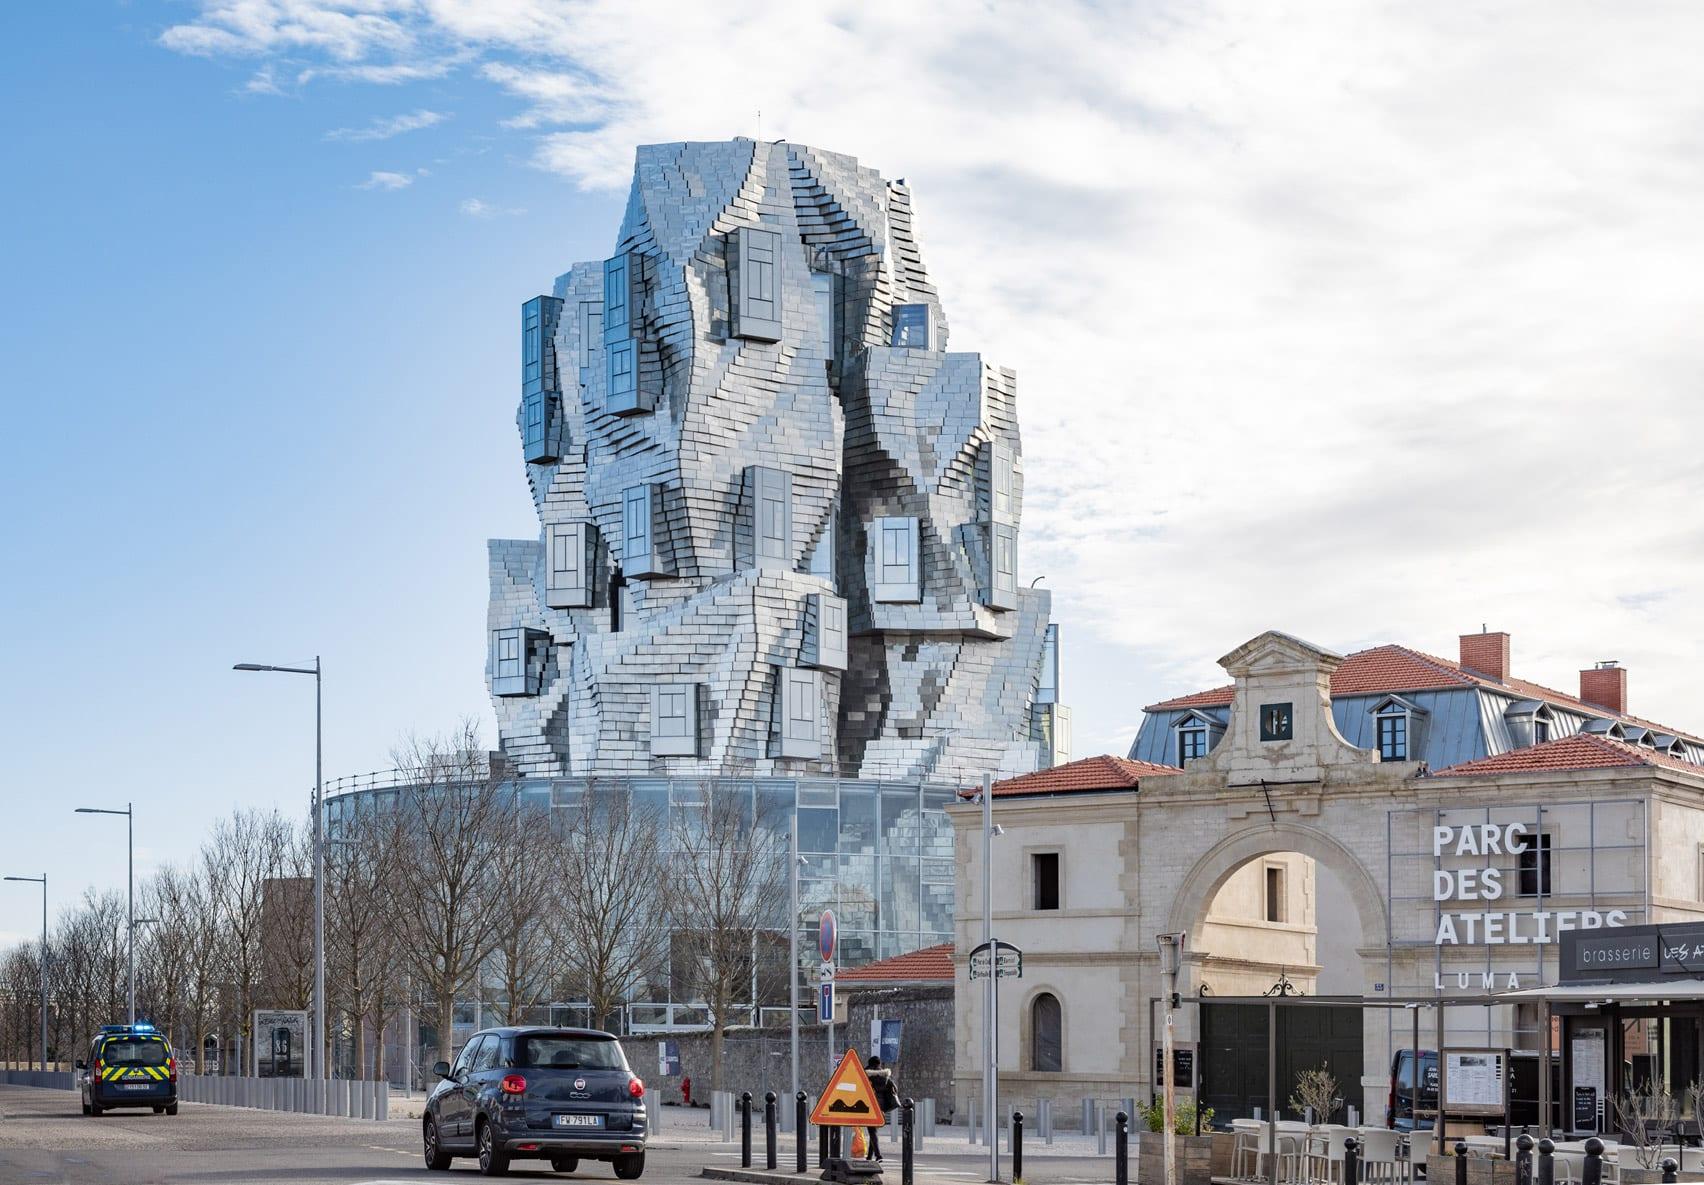 Строительство здания в Арле архитектора-деконструктивиста Фрэнка Гери близится к завершению